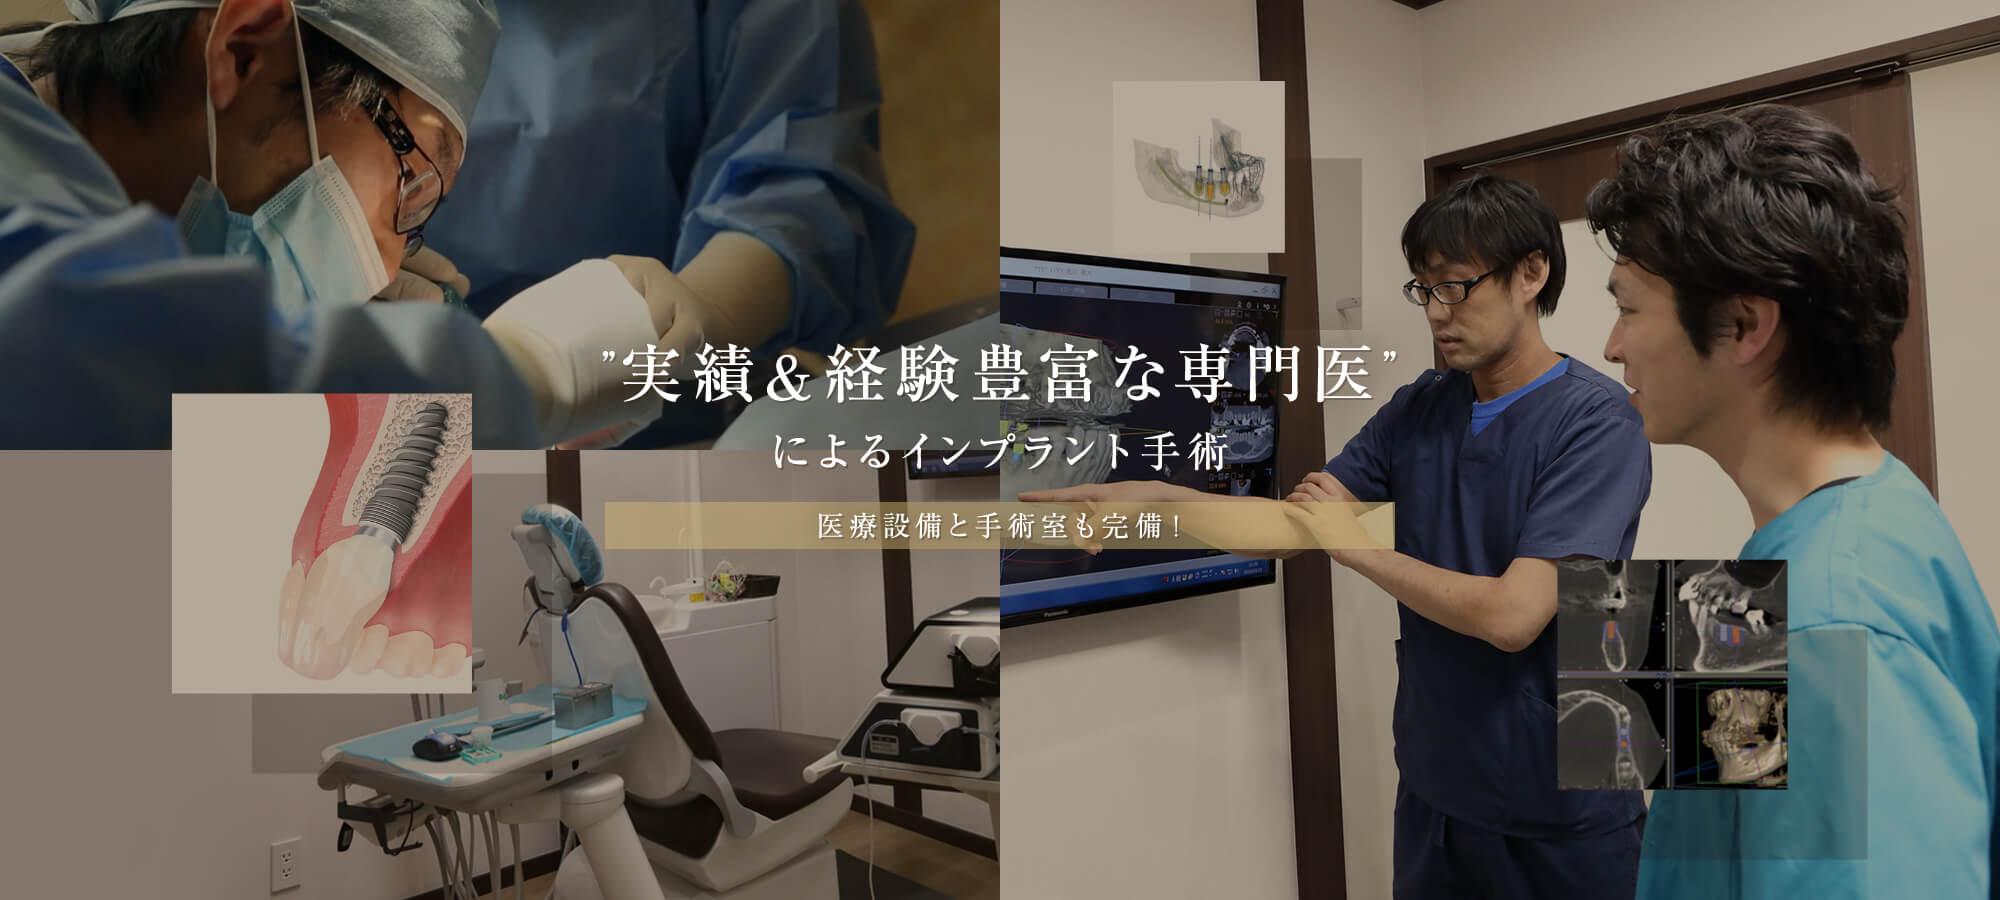 実績&経験豊富な専門医 によるインプラント手術